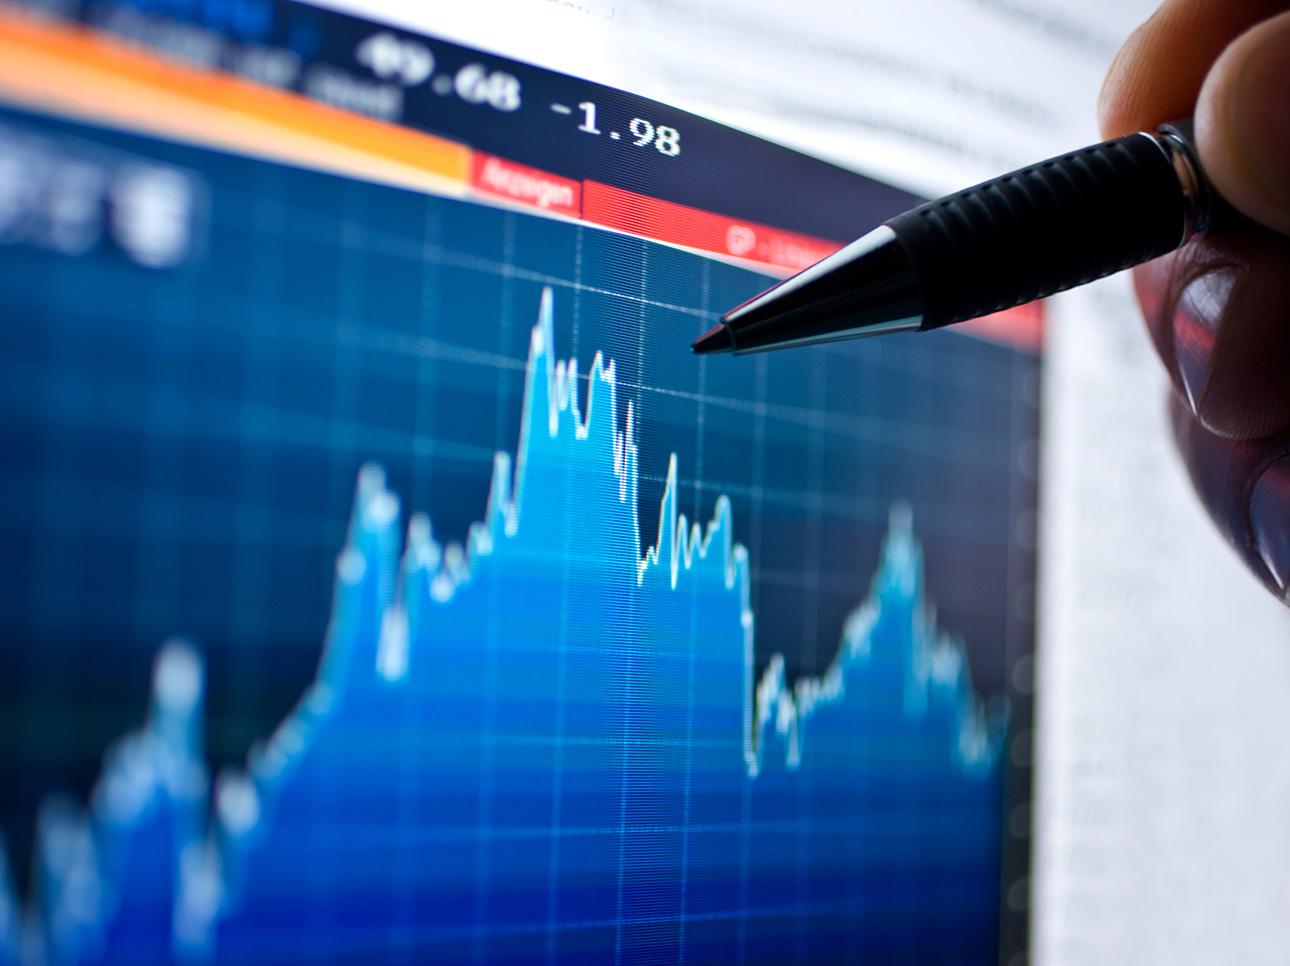 utilizzare l'analisi tecnica per investire nei mercati finanziari